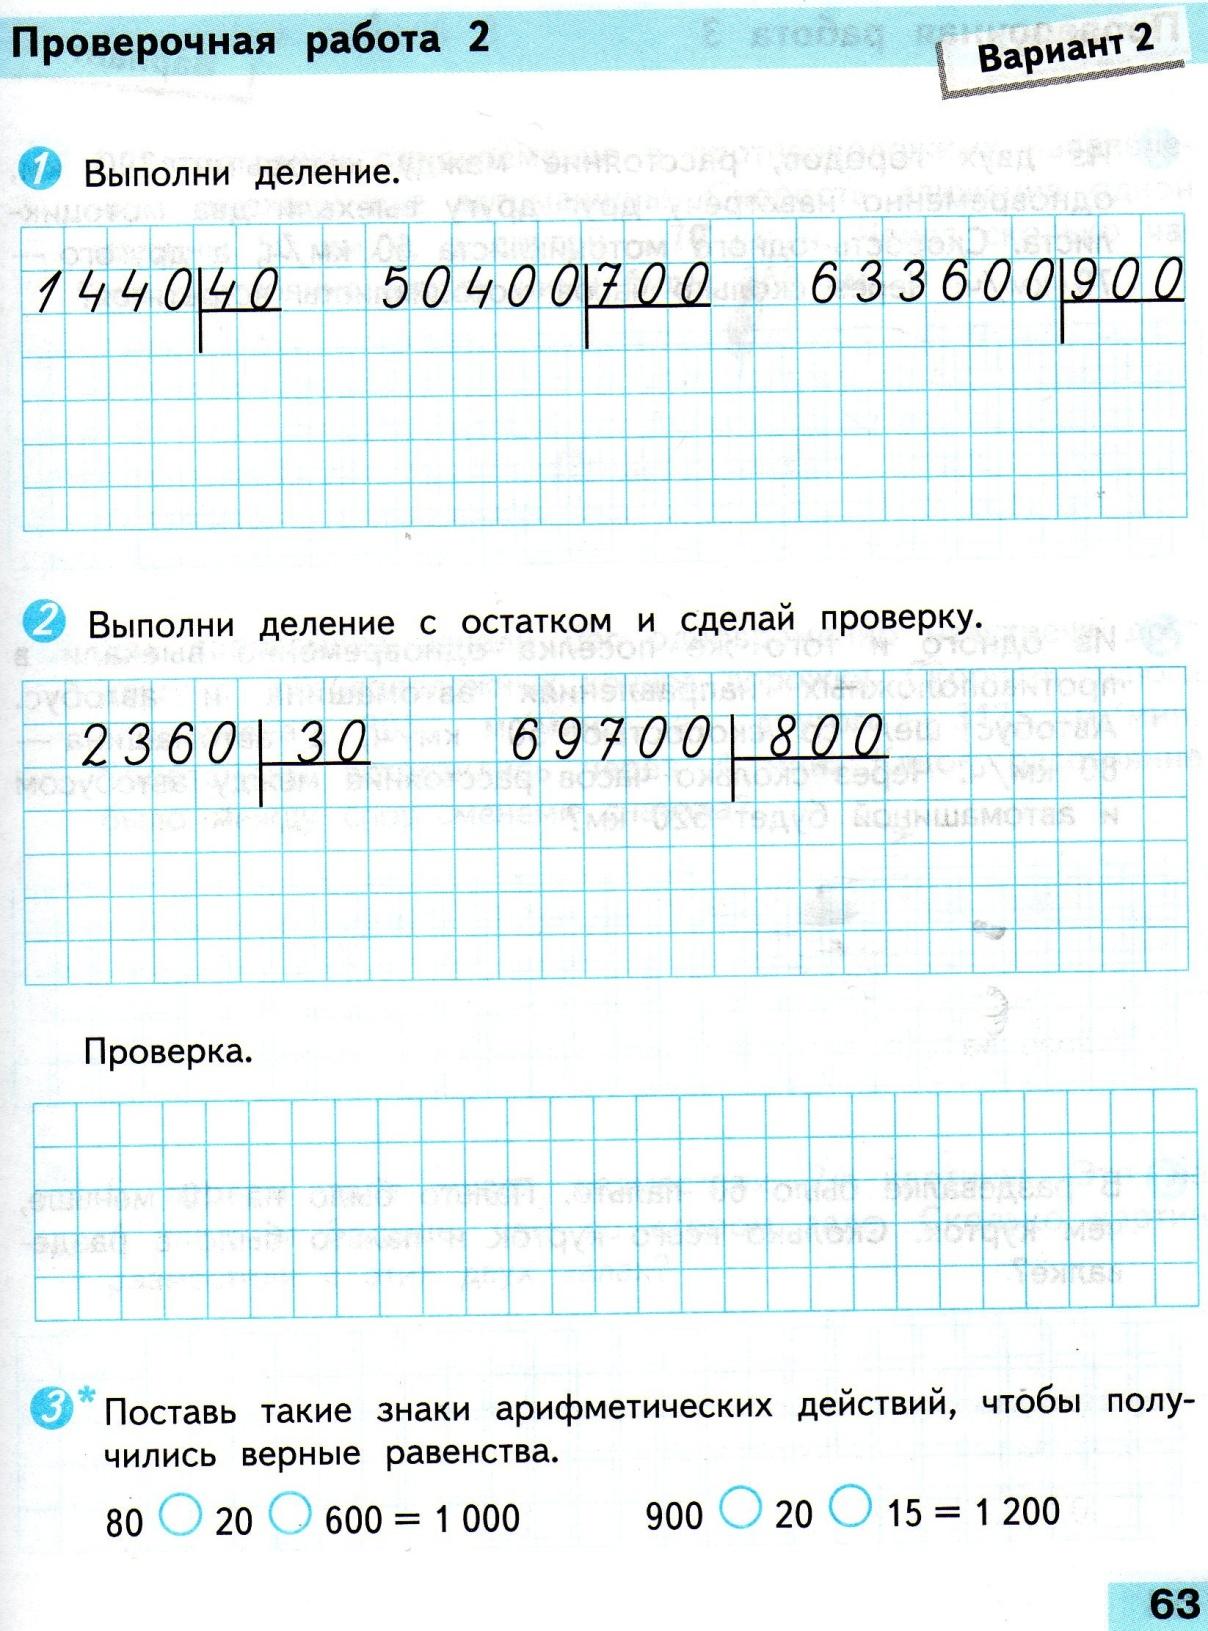 C:\Documents and Settings\Admin\Мои документы\Мои рисунки\1562.jpg